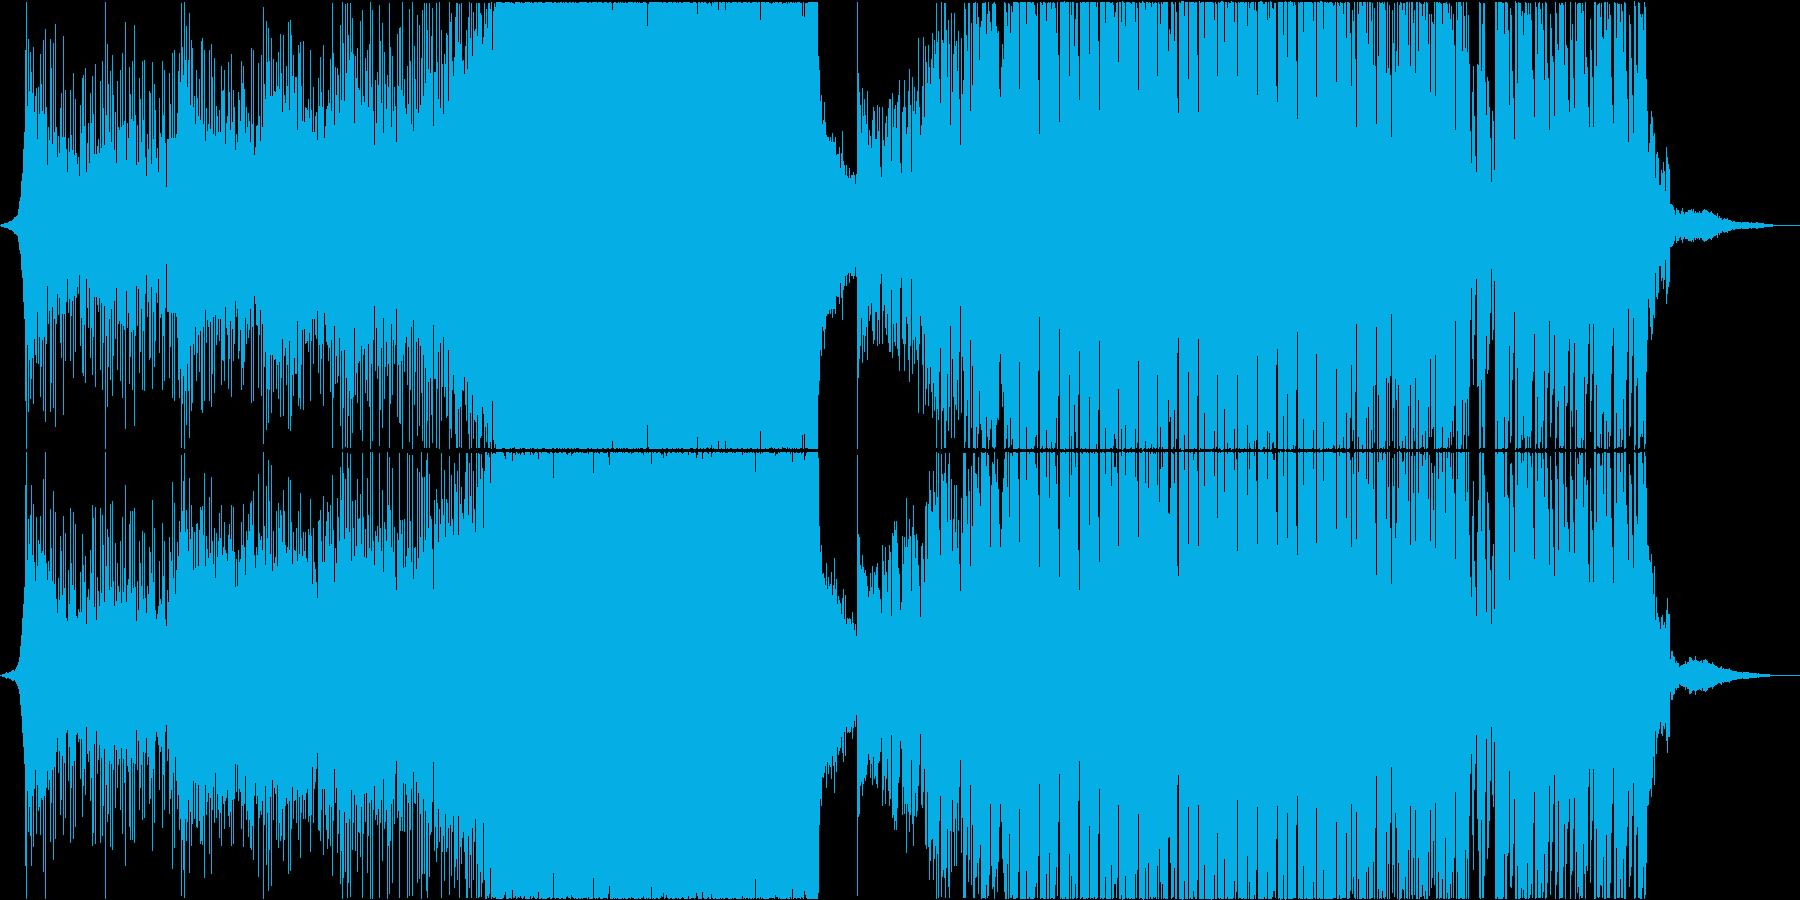 カノン 結婚式 アレンジ EDM ハウスの再生済みの波形